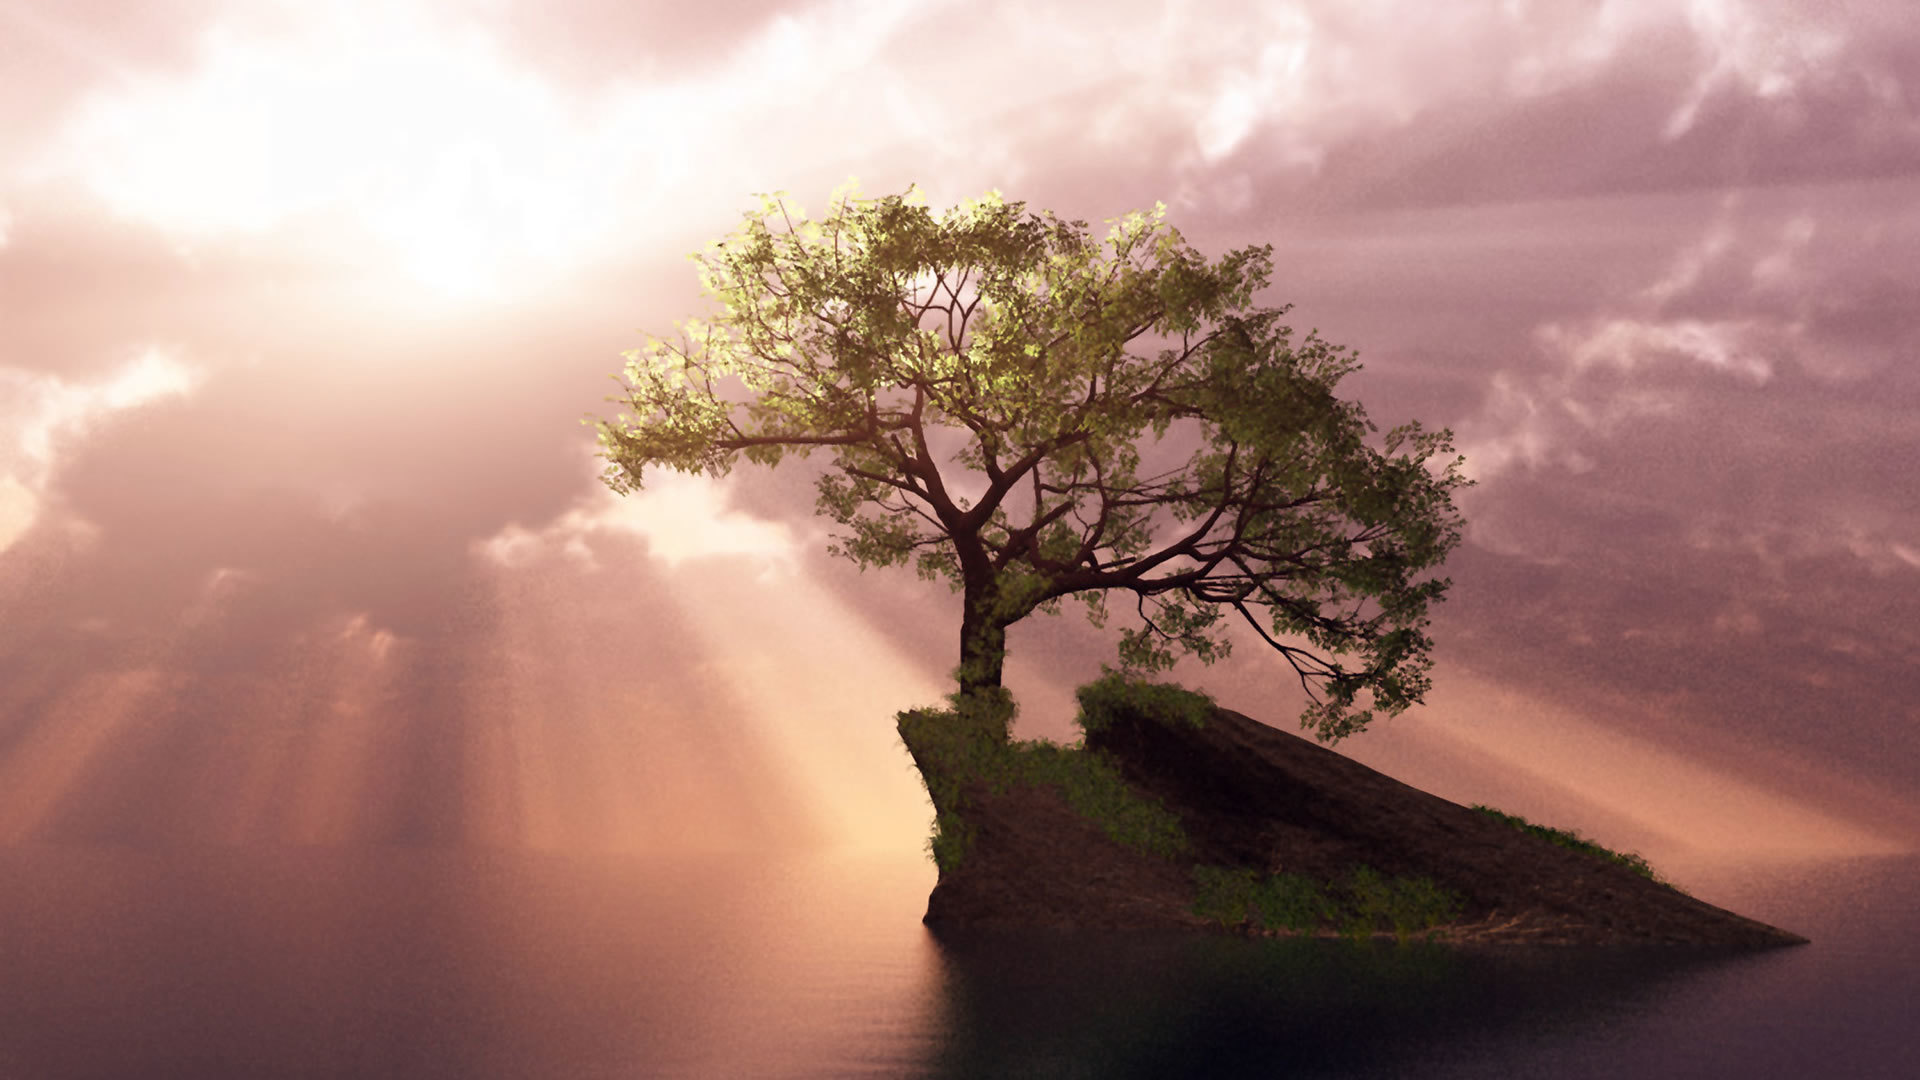 46139 скачать обои Пейзаж, Деревья - заставки и картинки бесплатно